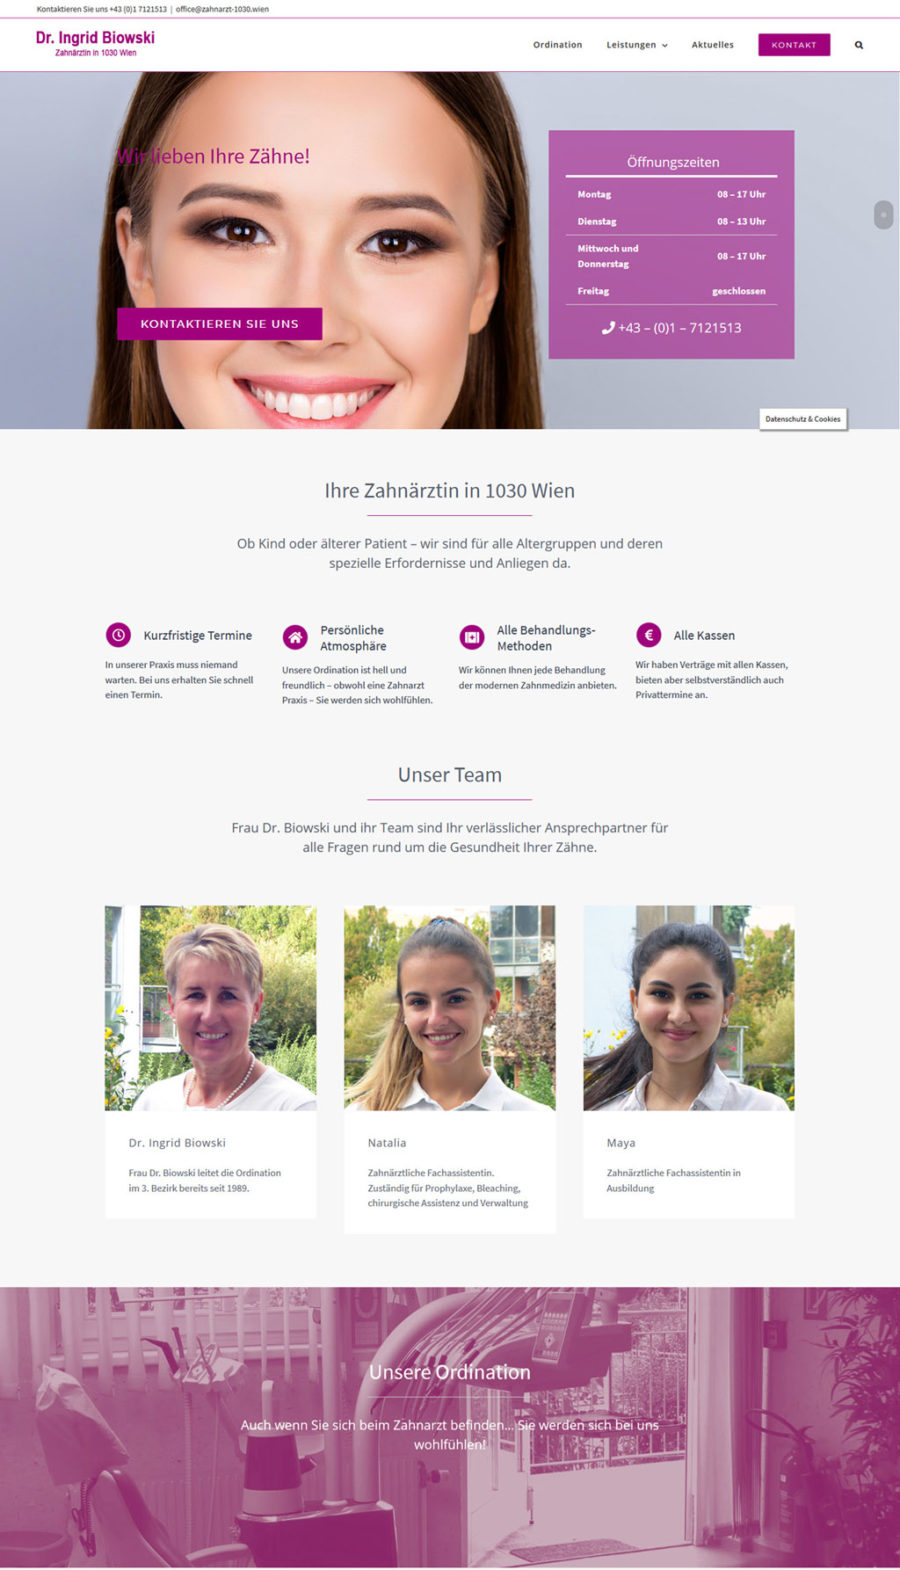 Zahnarzt Homepage in 1030 Wien: WordPress und klares Design